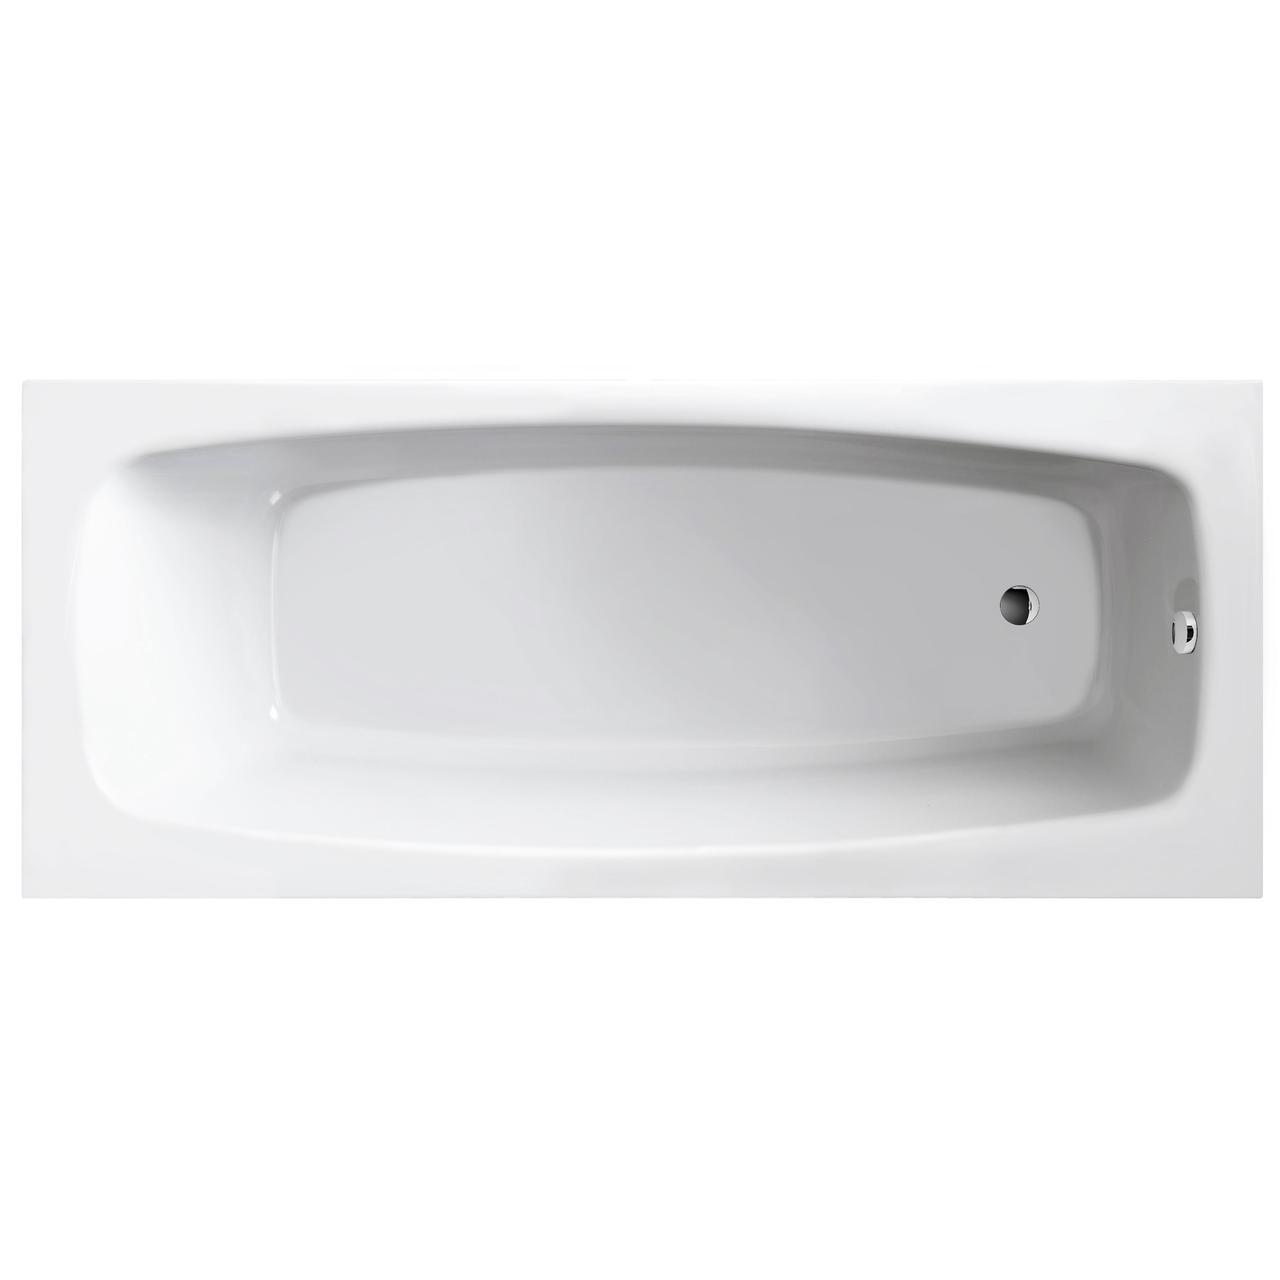 Нужно дешевле? Звоните. SOLAR ванна 150*70*40см без ножек, акрил 5мм